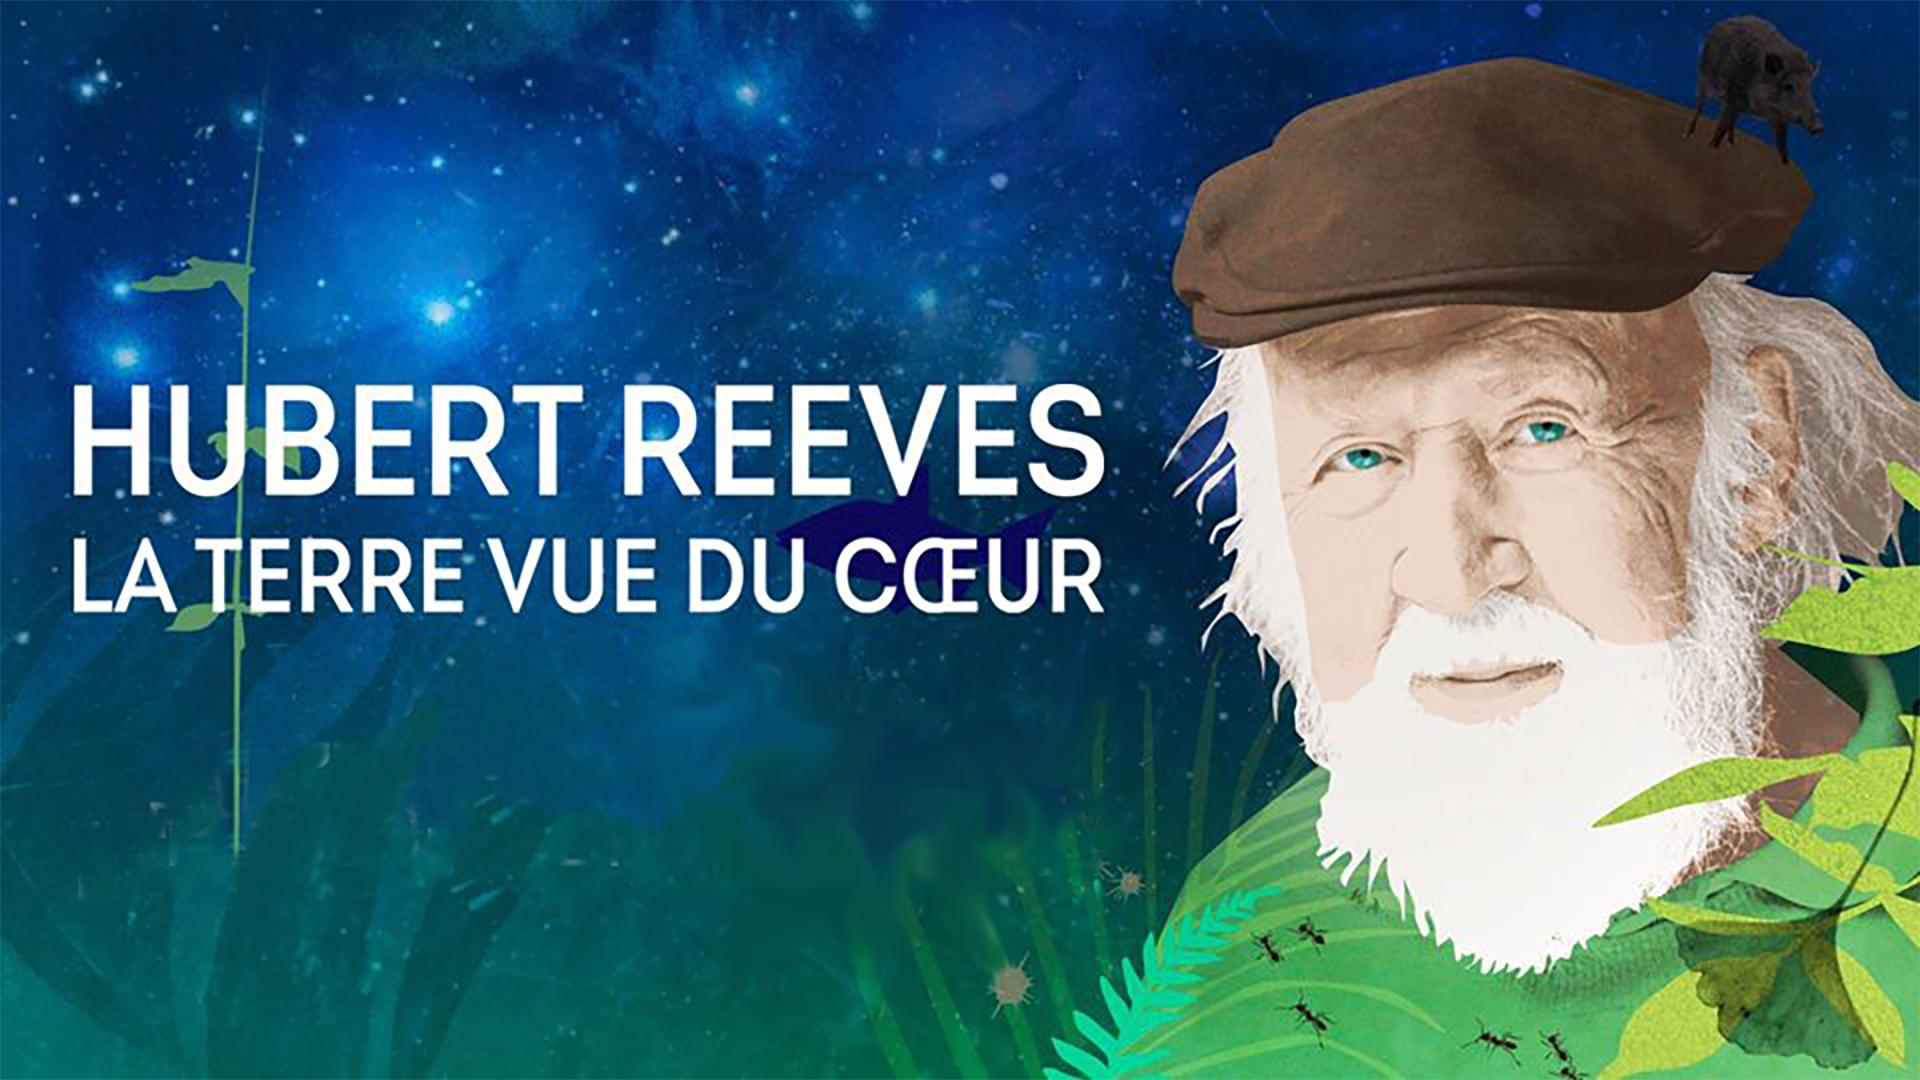 Cine Talloires - HUBERT REEVES - LA TERRE VUE DU COEUR